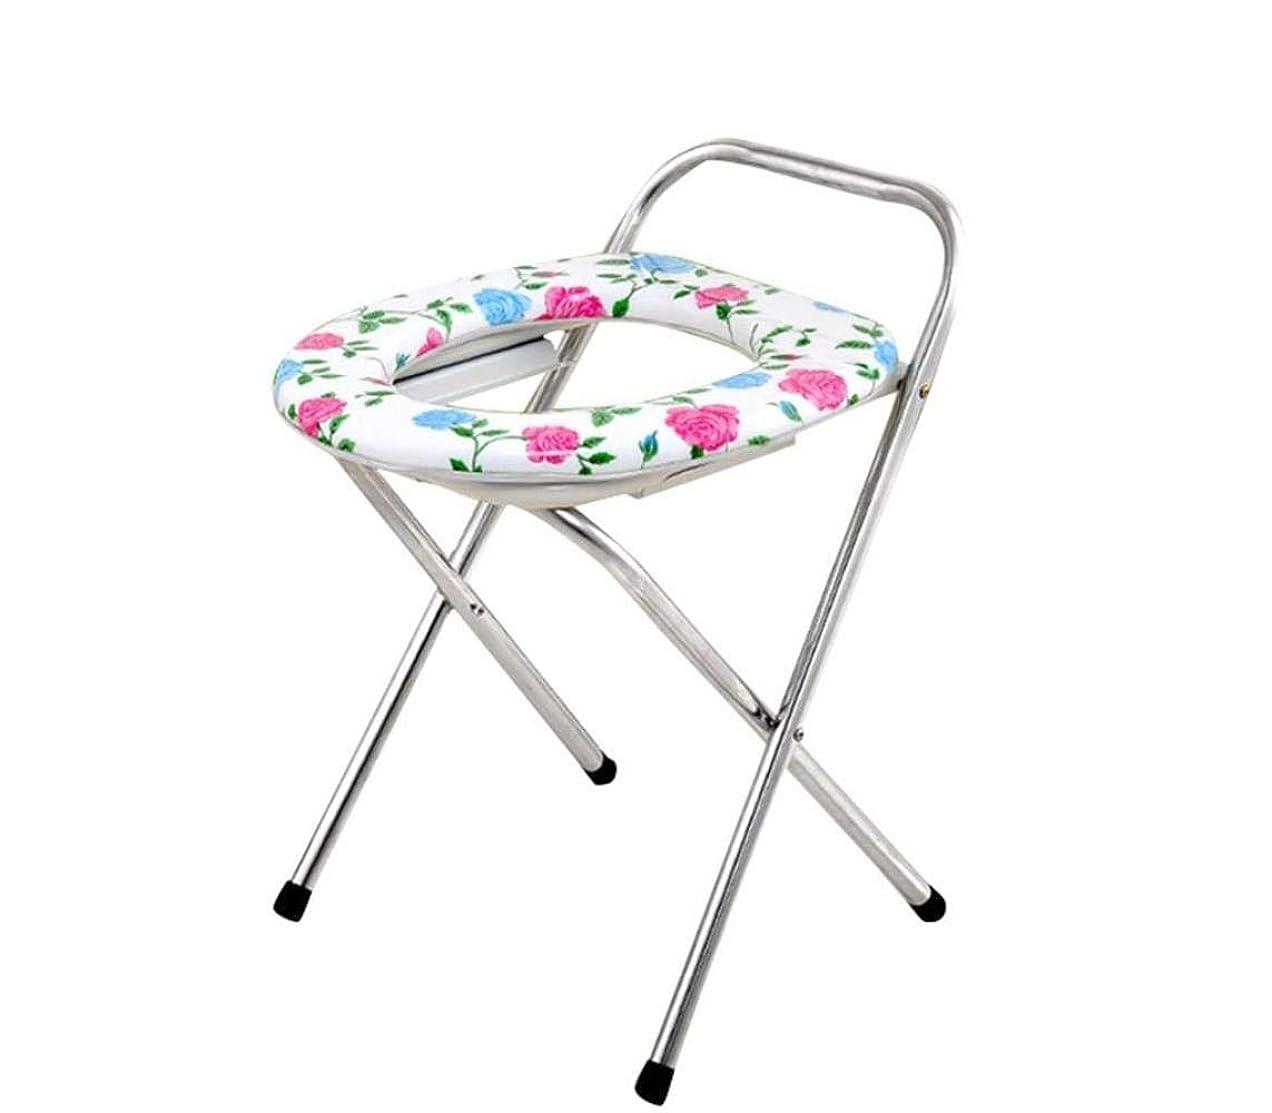 コアカメ記念高齢者の障害のための折りたたみ式便器椅子止まり台ステンレス鋼フレーム